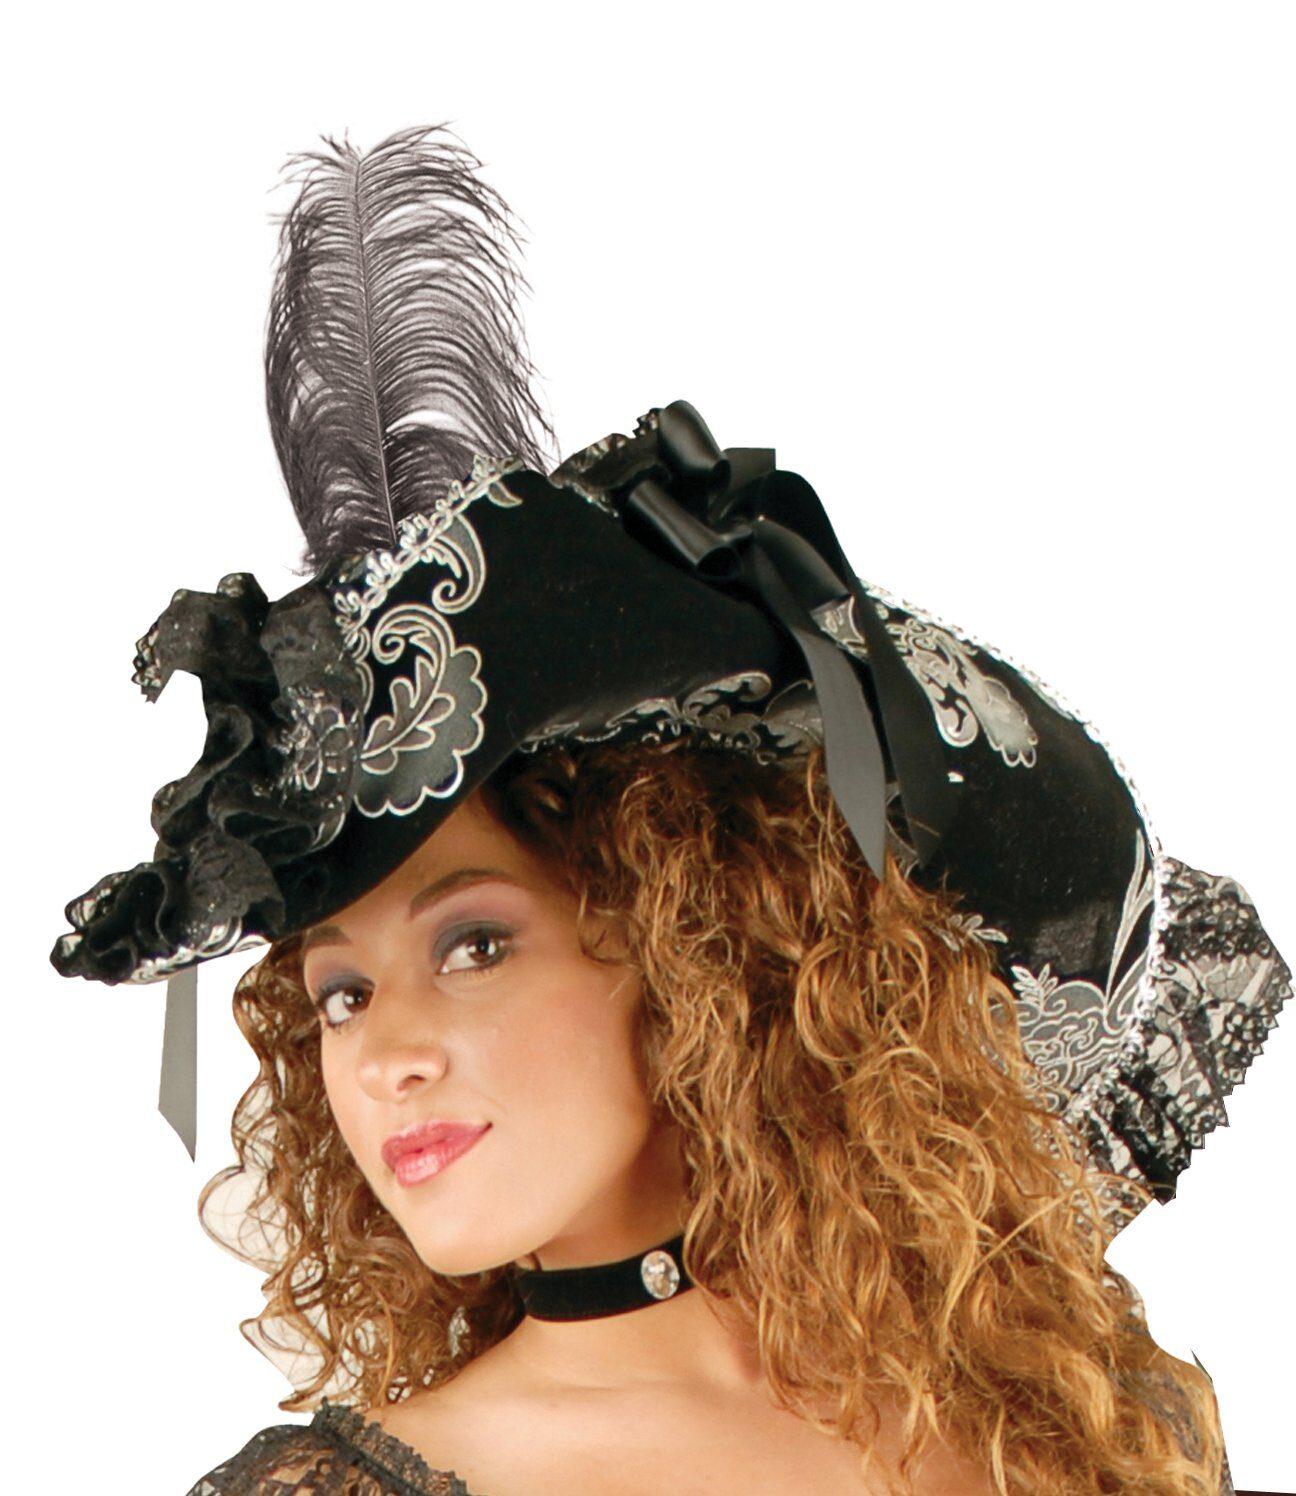 Lacy Pirate Hat - Mr. Costumes dd4e8a32e8b